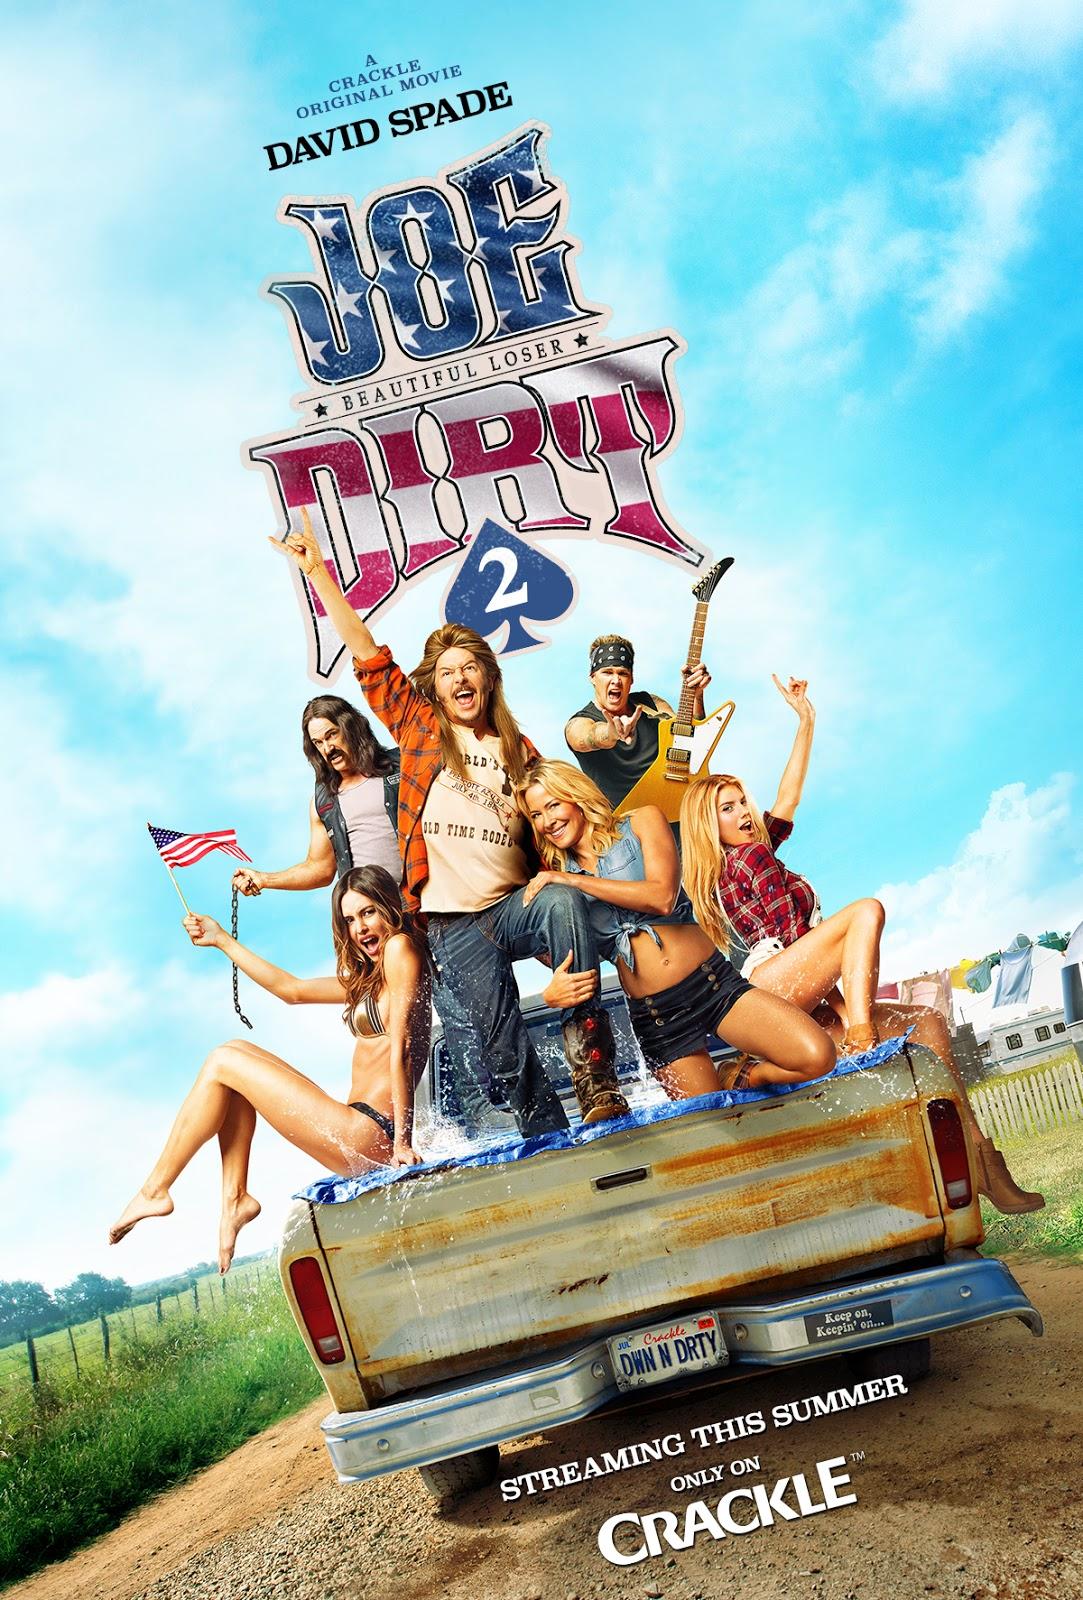 Joe Dirt 2 Beautiful Loser โจเดิร์ท 2 เทพบุตรสุดเกรียน [HD][พากย์ไทย]